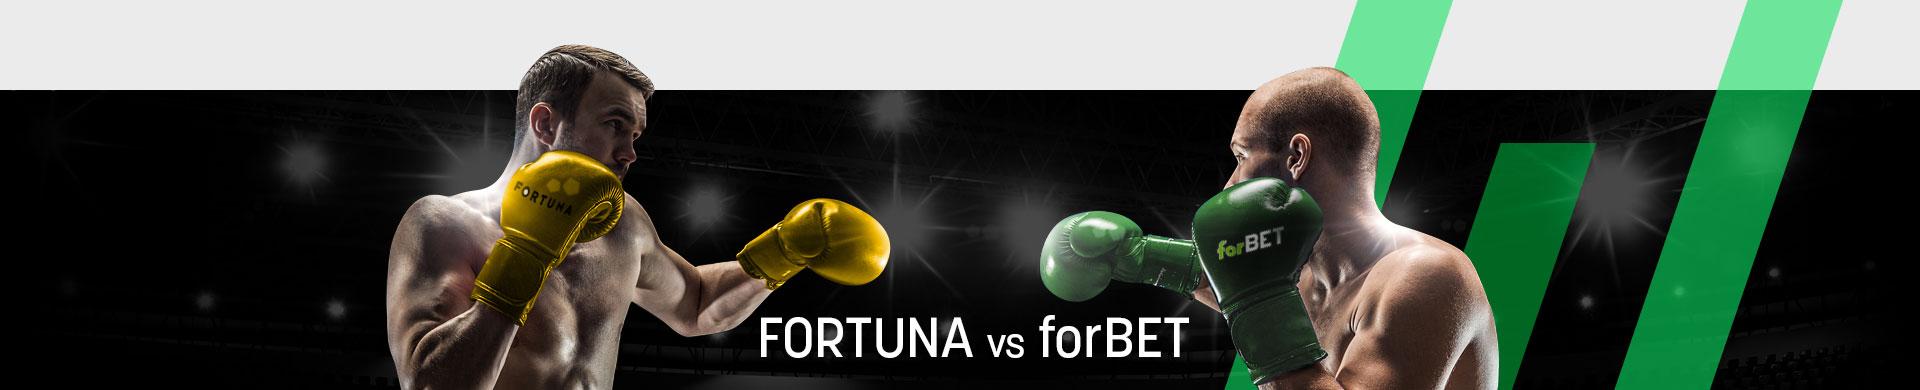 Fortuna czy forBET - porównanie